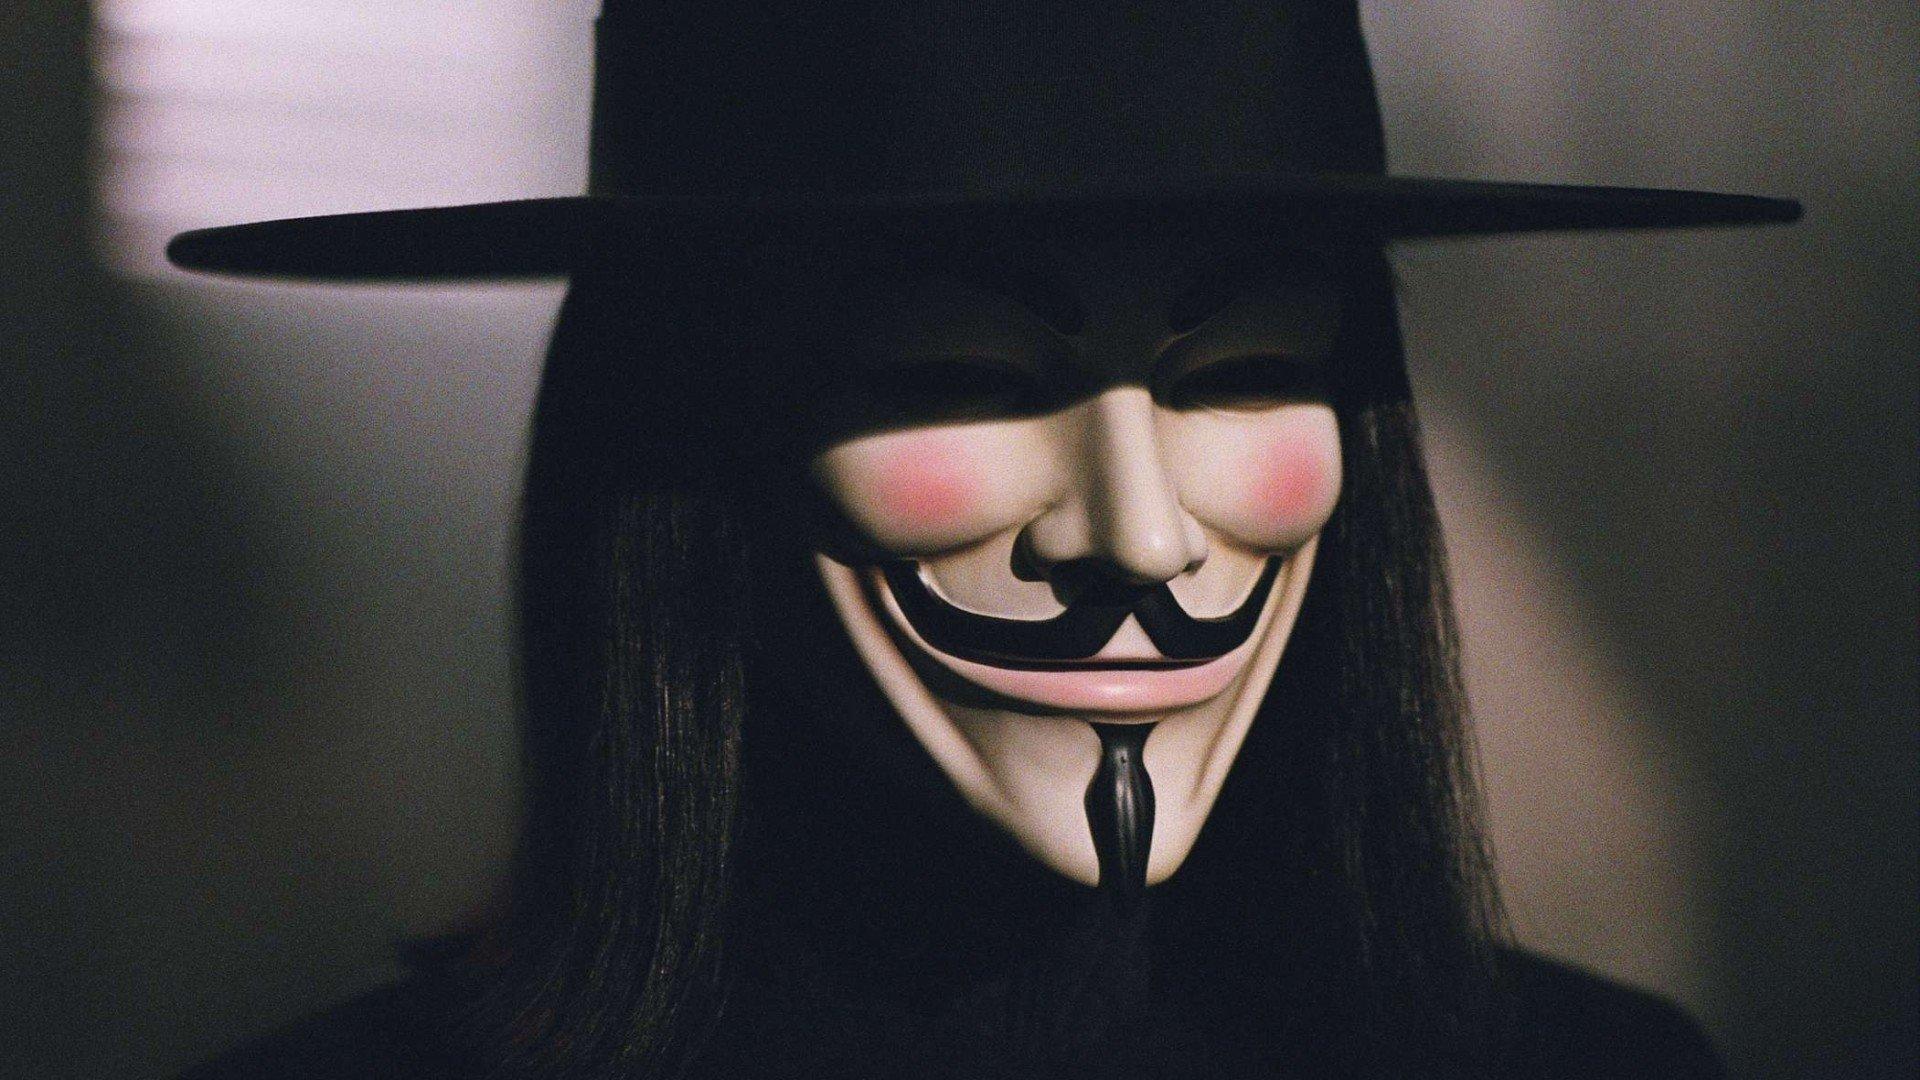 Guy Fawkes Mask V For Vendetta